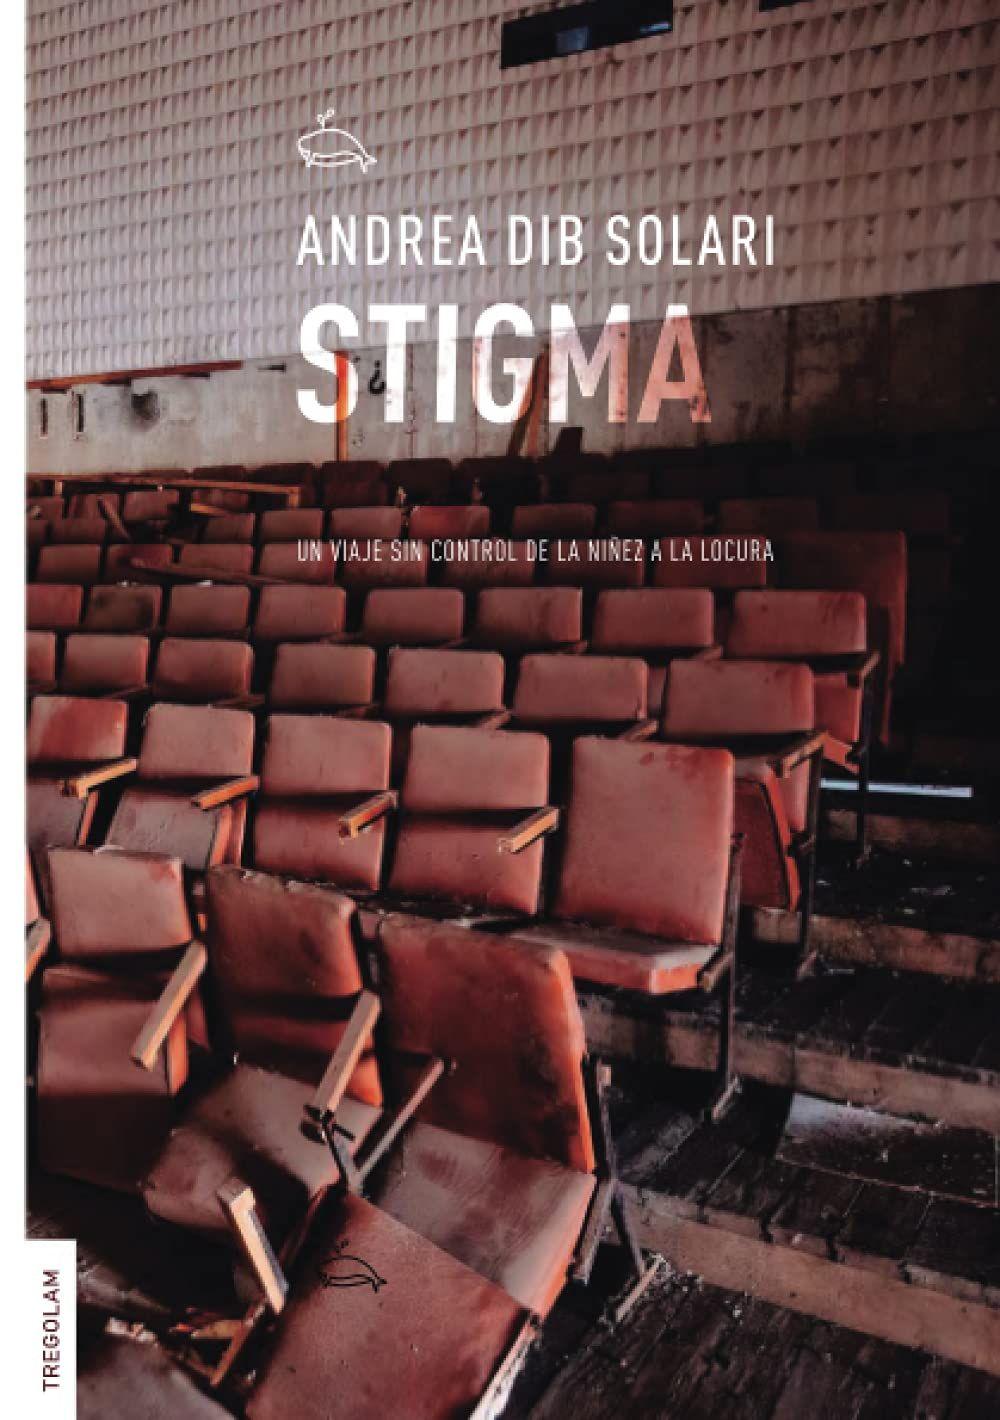 Andrea Dib Solari